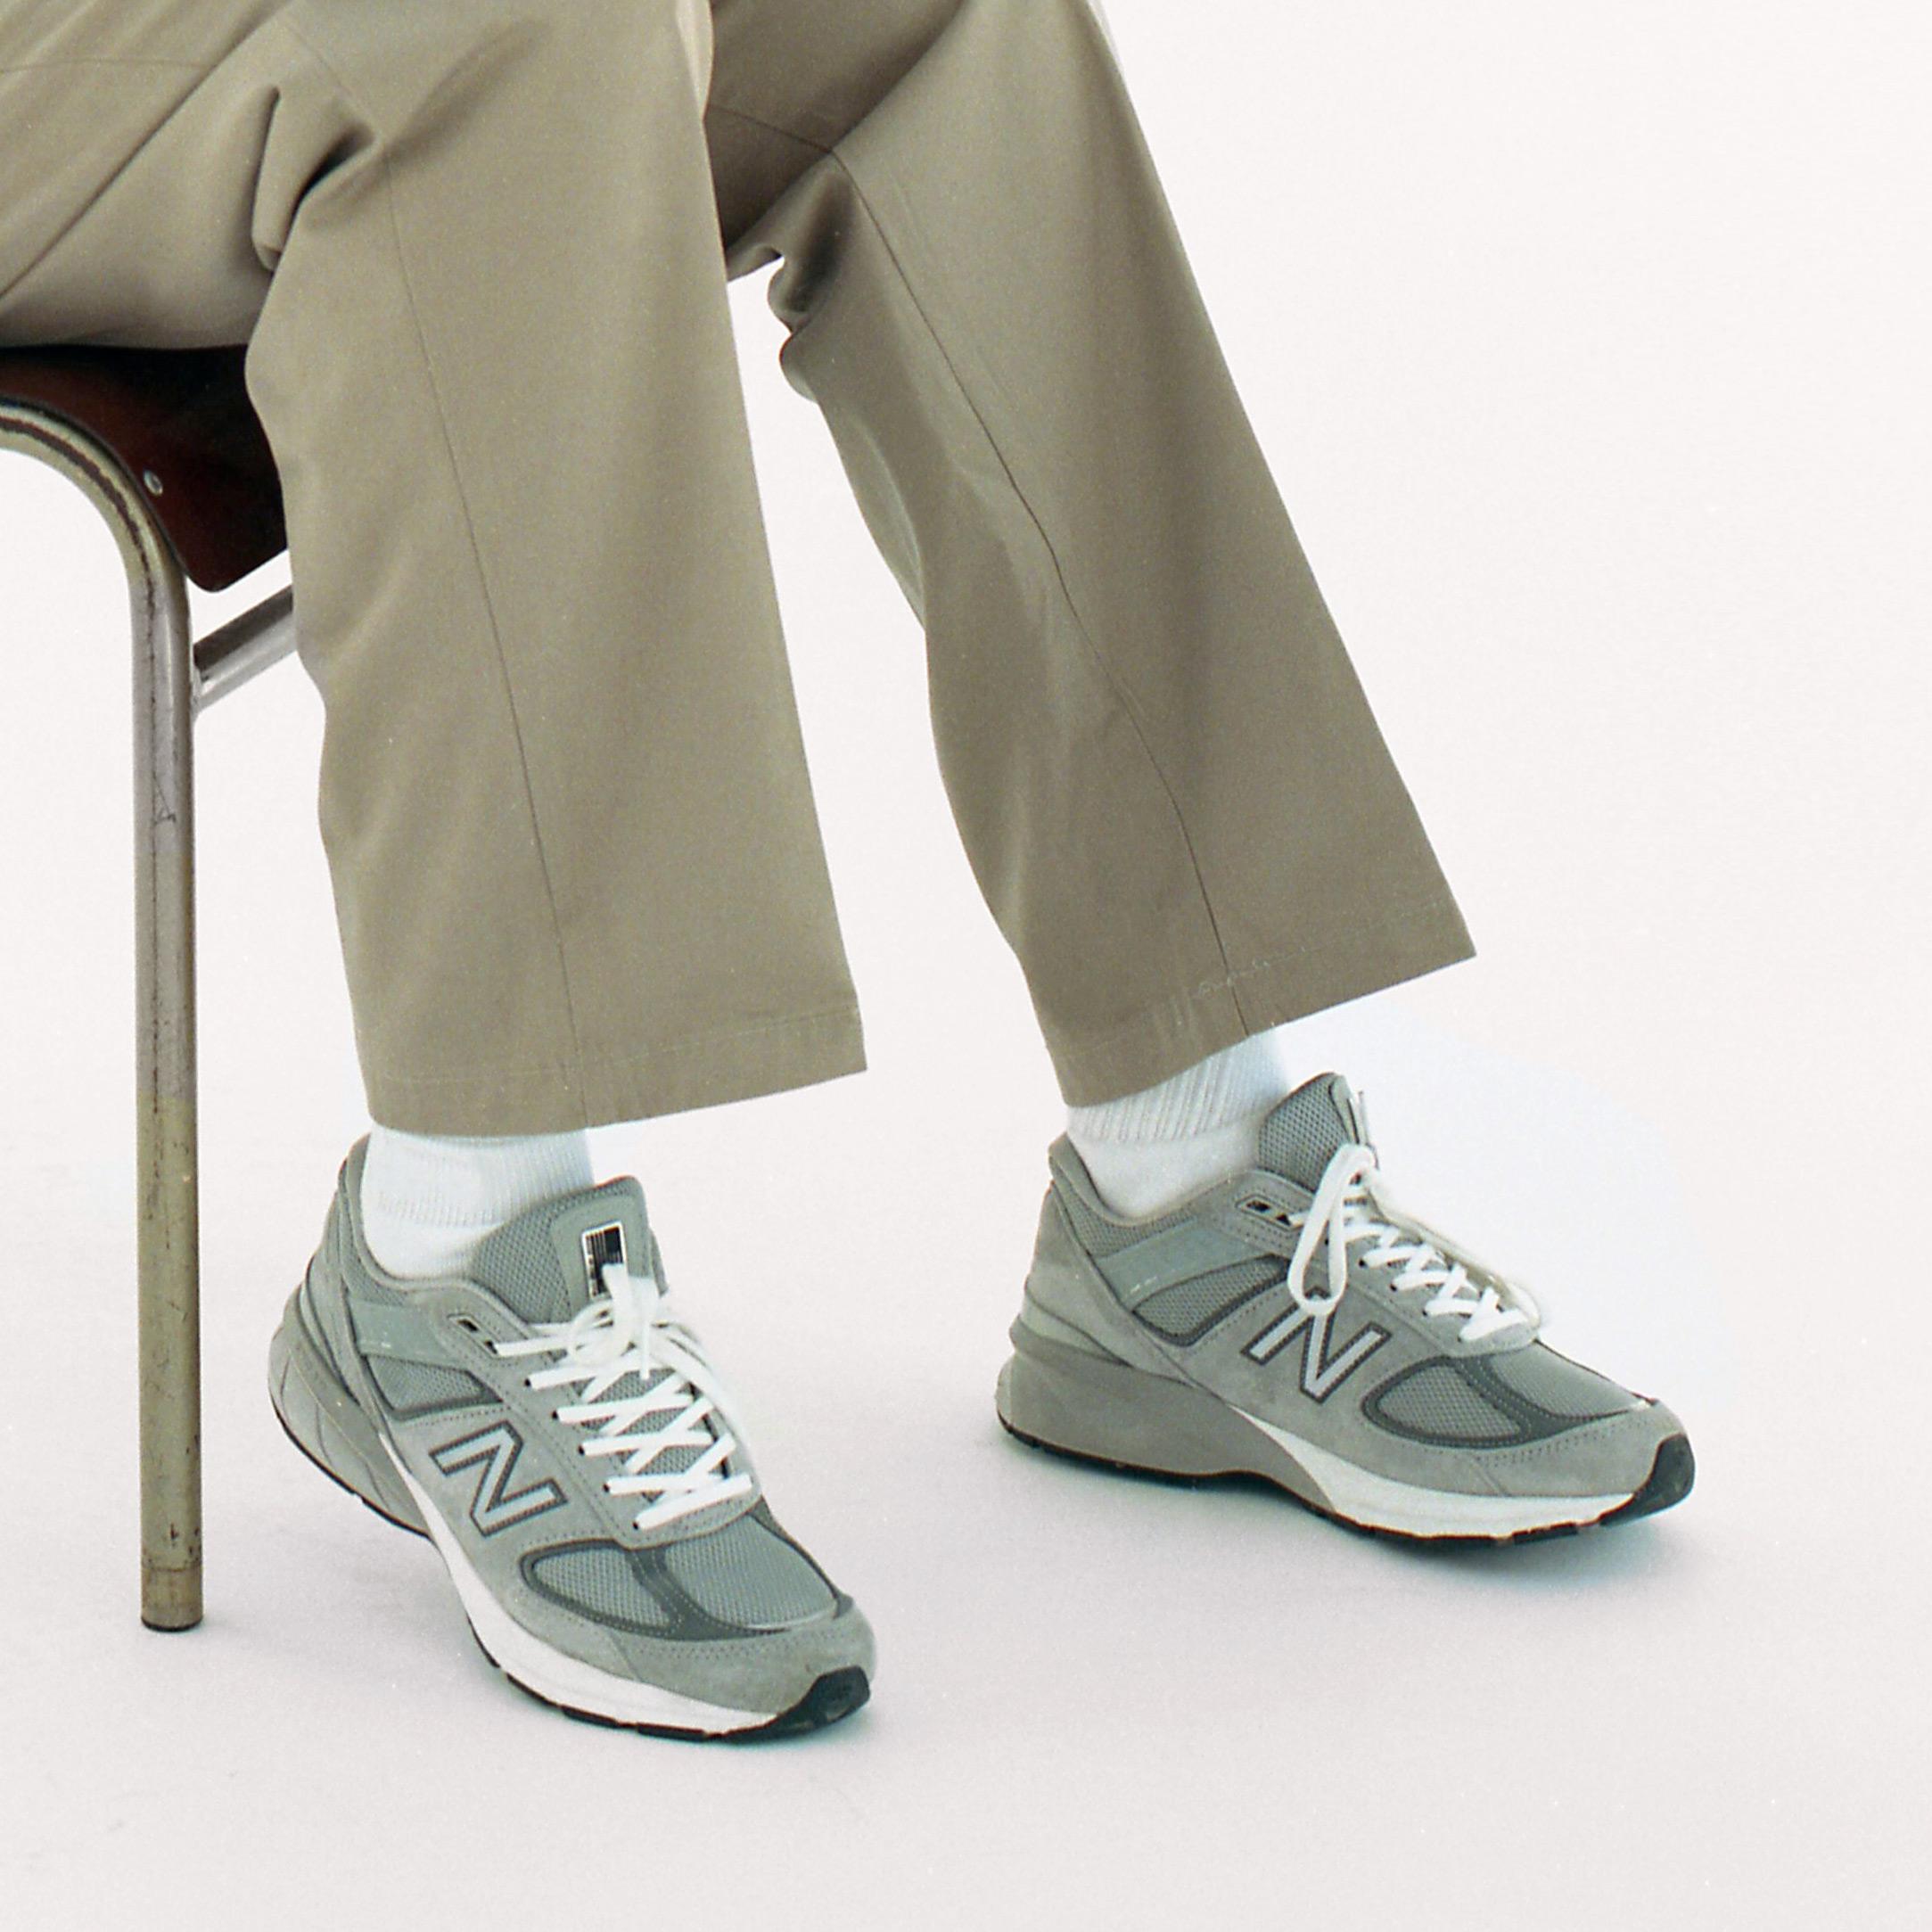 New Balance W990 - W990gl5 - Sneakersnstuff | sneakers ...